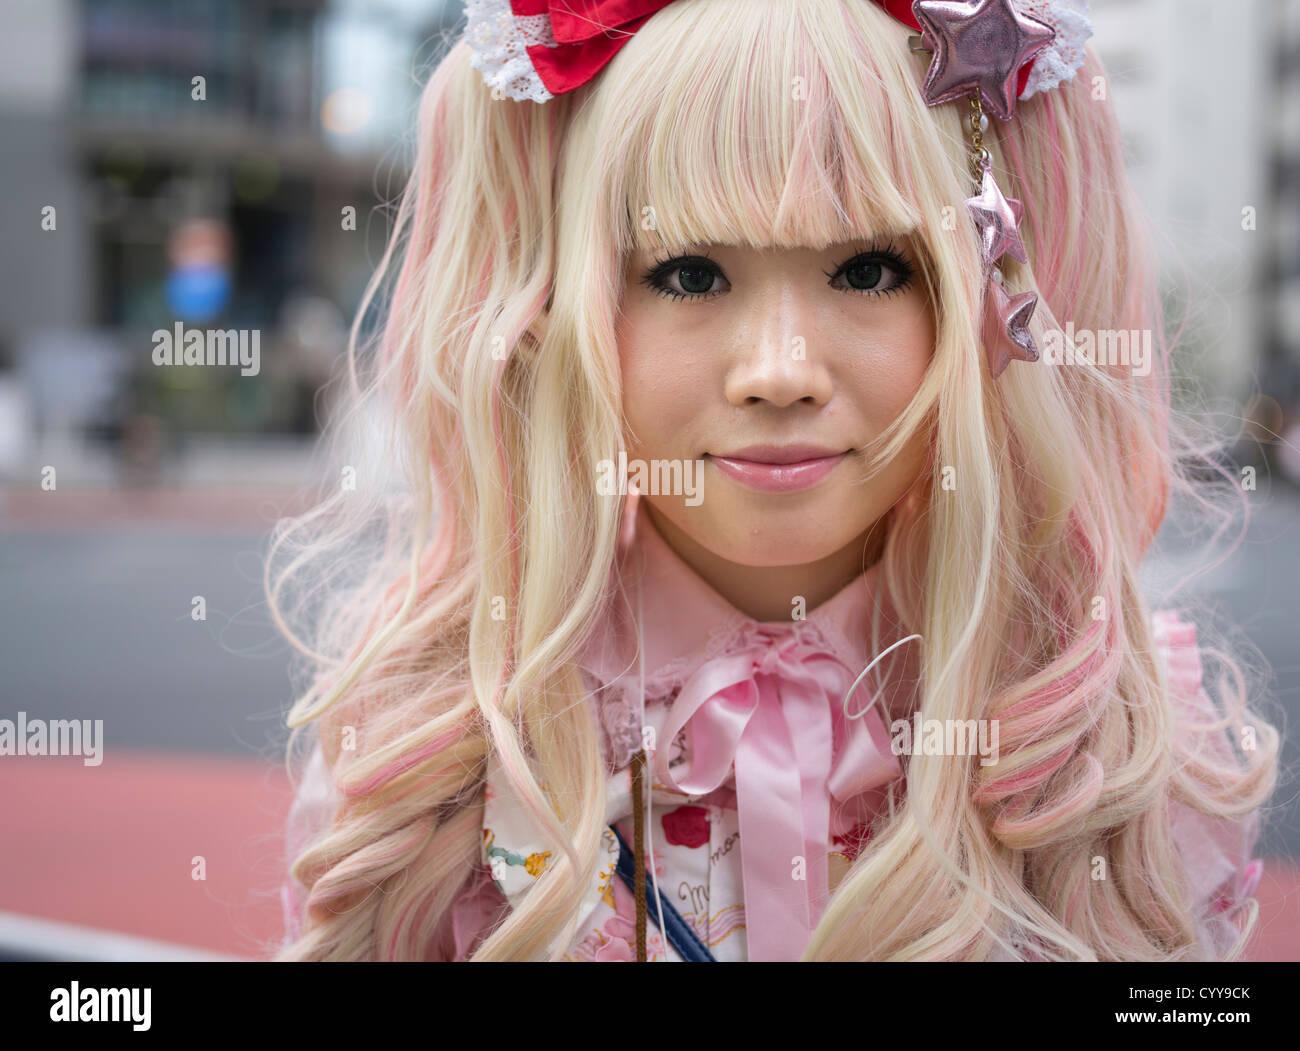 Jeune japonaise en kawaii lolita costume mode alternative avec des cheveux blonds et robe rose Photo Stock